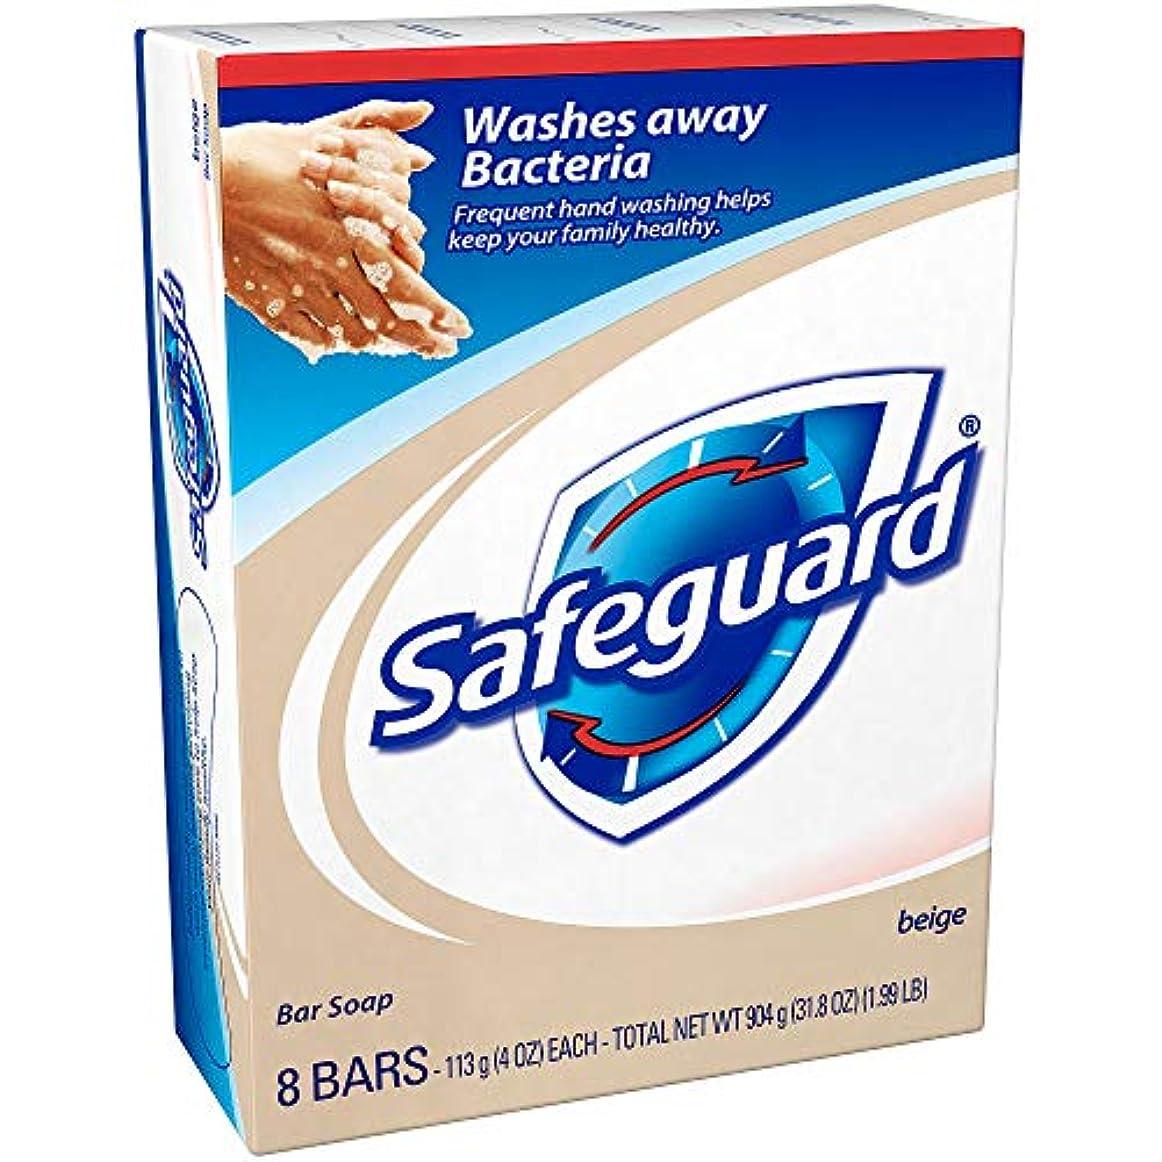 南アメリカ顎霜Safeguard 抗菌消臭石鹸、4つのオズバー、8 Eaは(4パック)